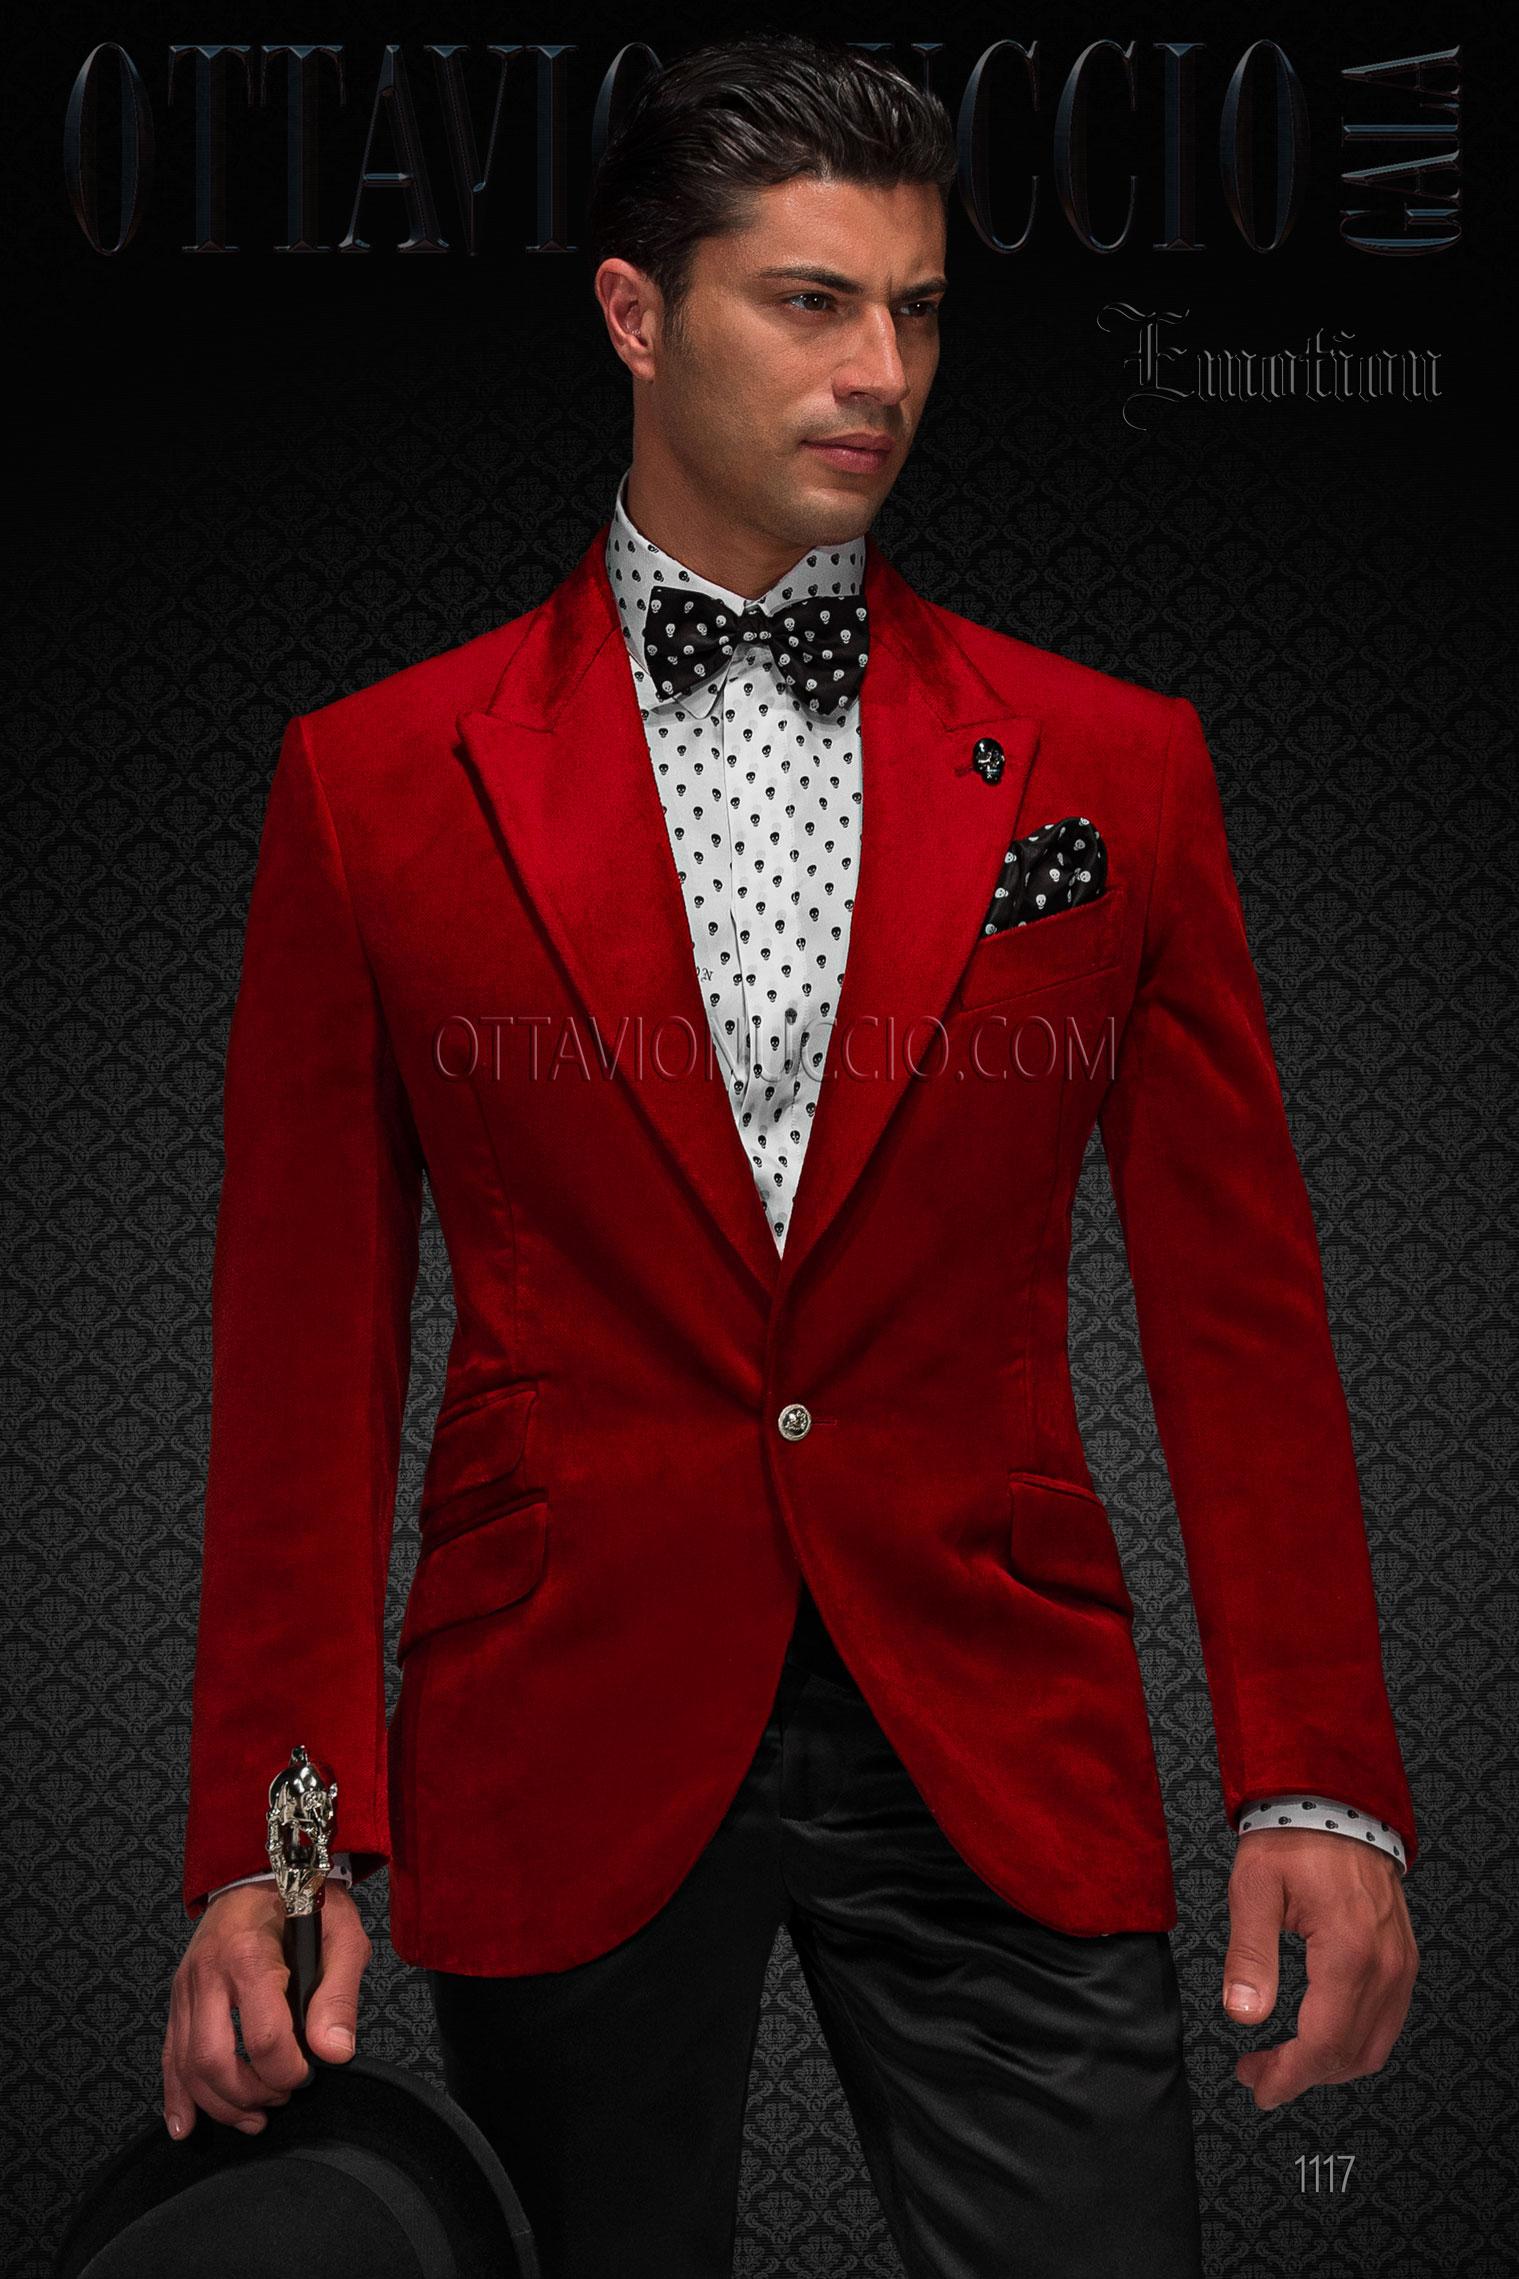 Vestito Matrimonio Uomo Rosso : Abito da cerimonia uomo in raso rosso